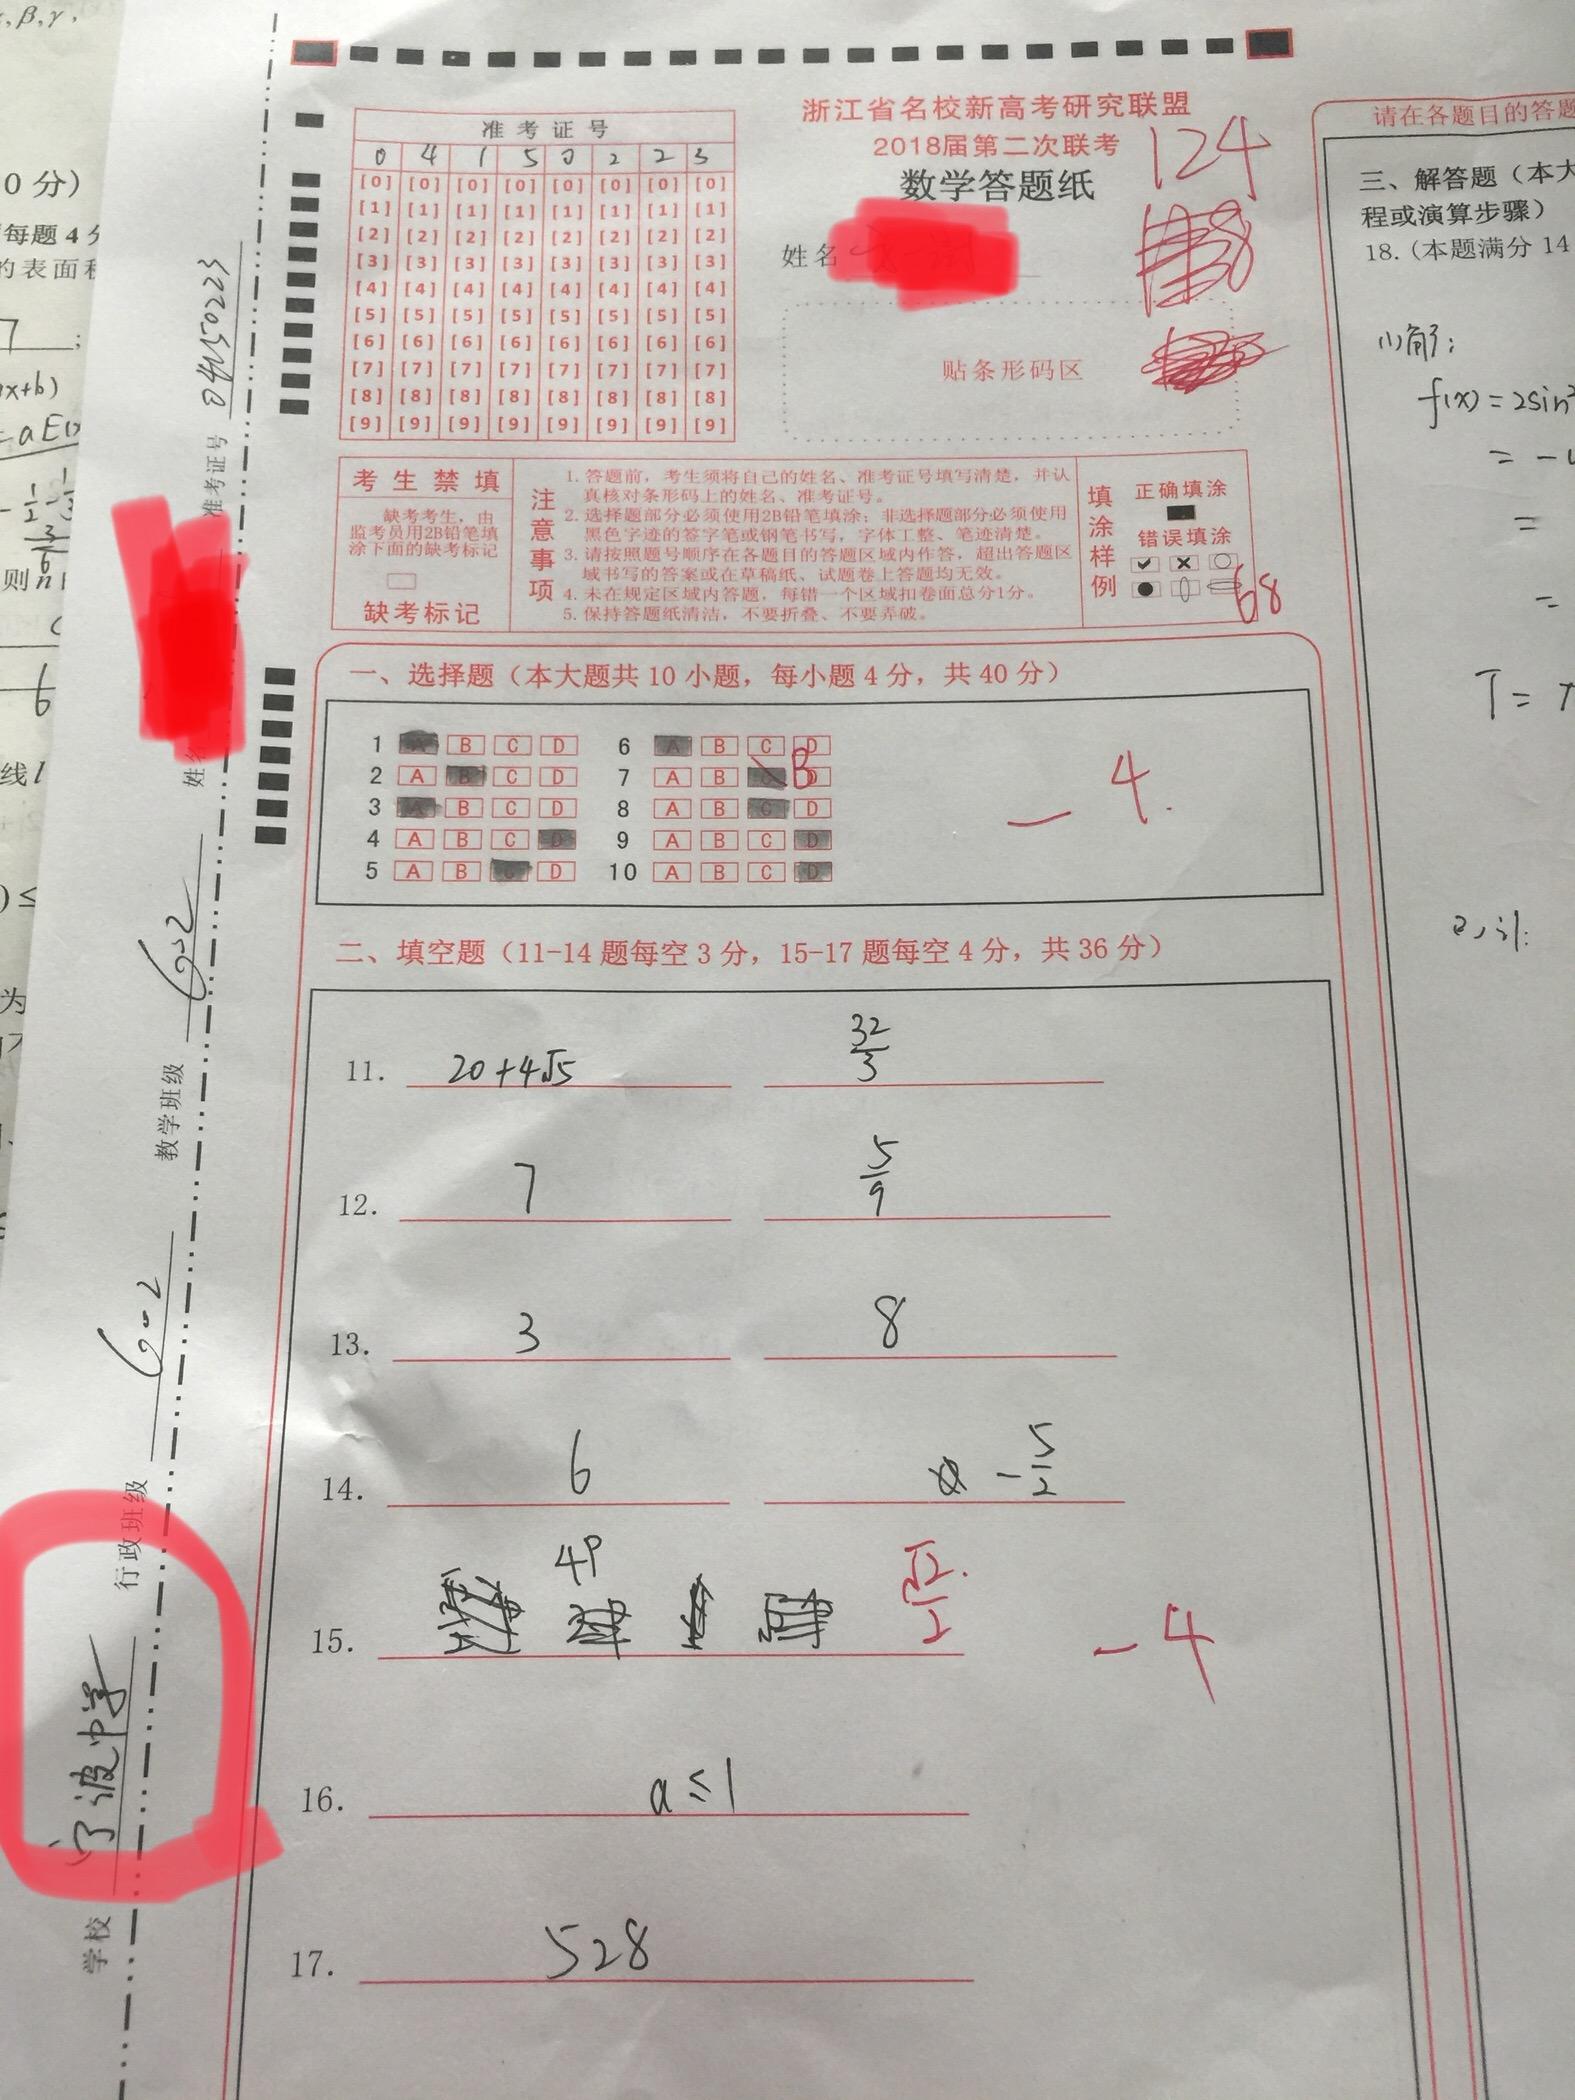 梁老师师相册28